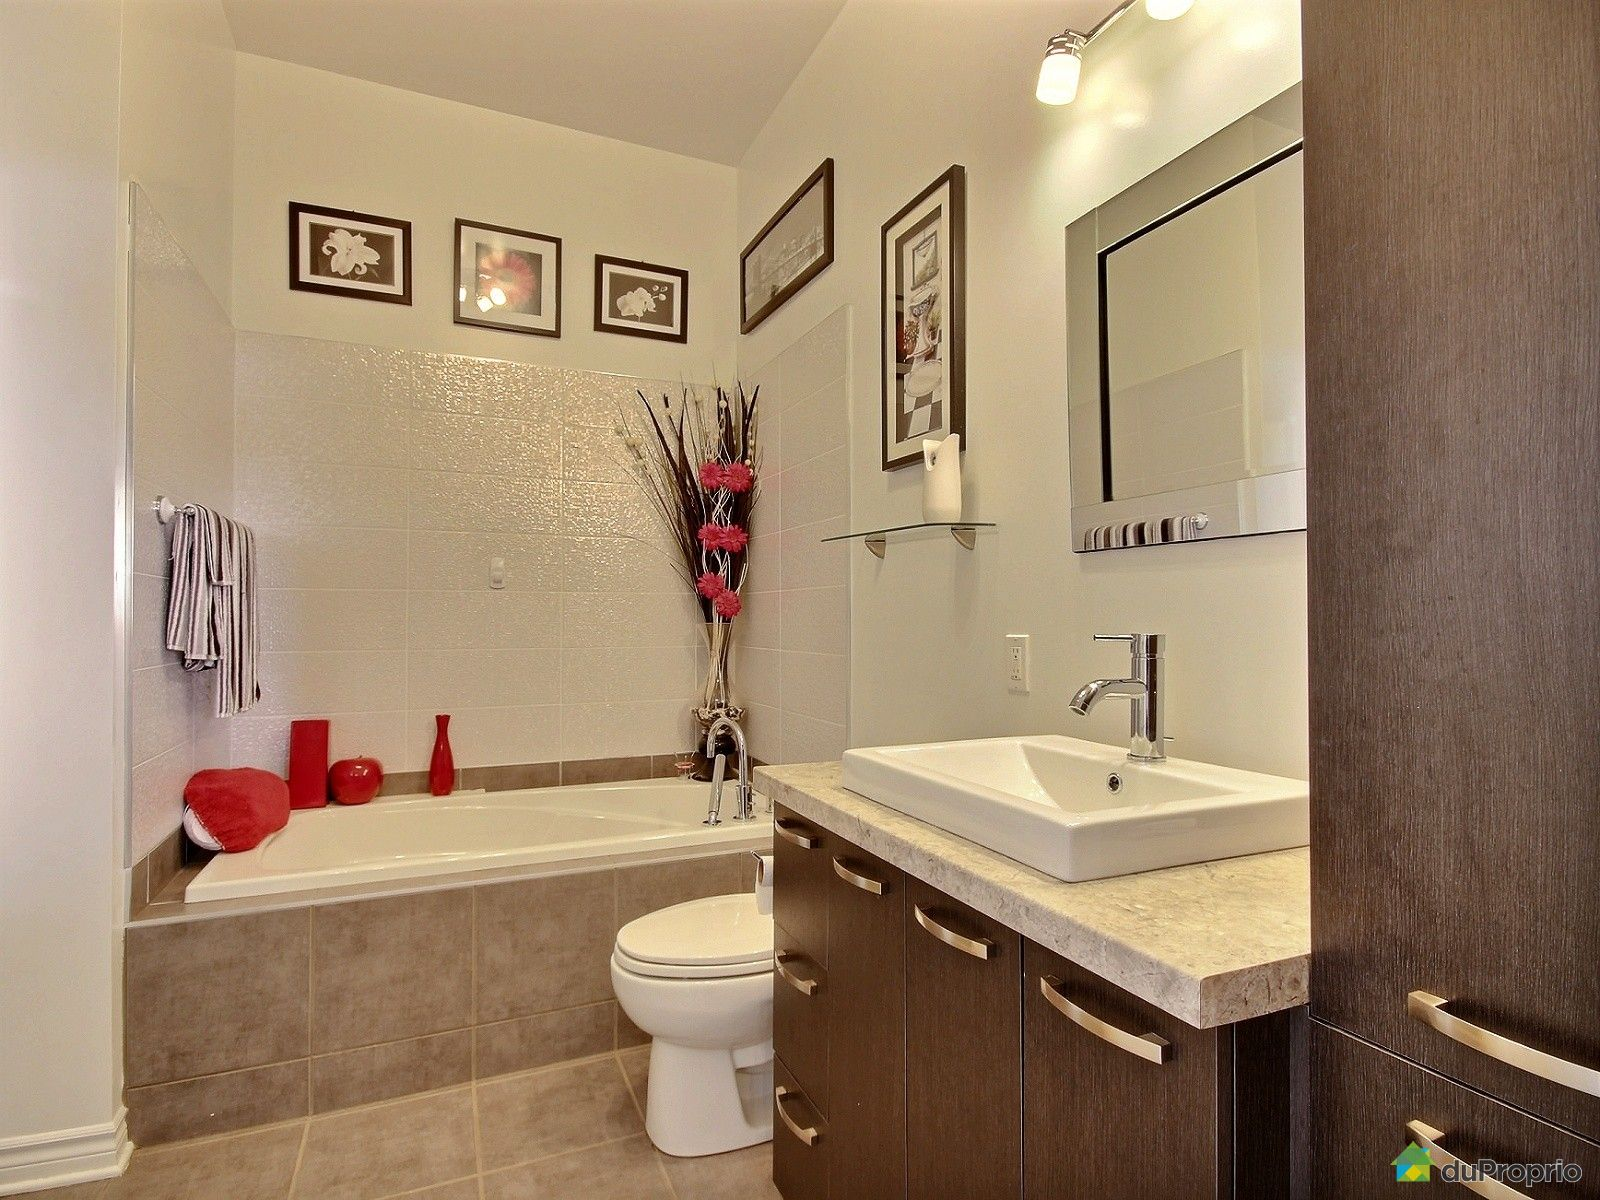 #A22C29 Penthouse Vendu St Hubert Immobilier Québec DuProprio  3891 salle a manger pas cher montreal 1600x1200 px @ aertt.com